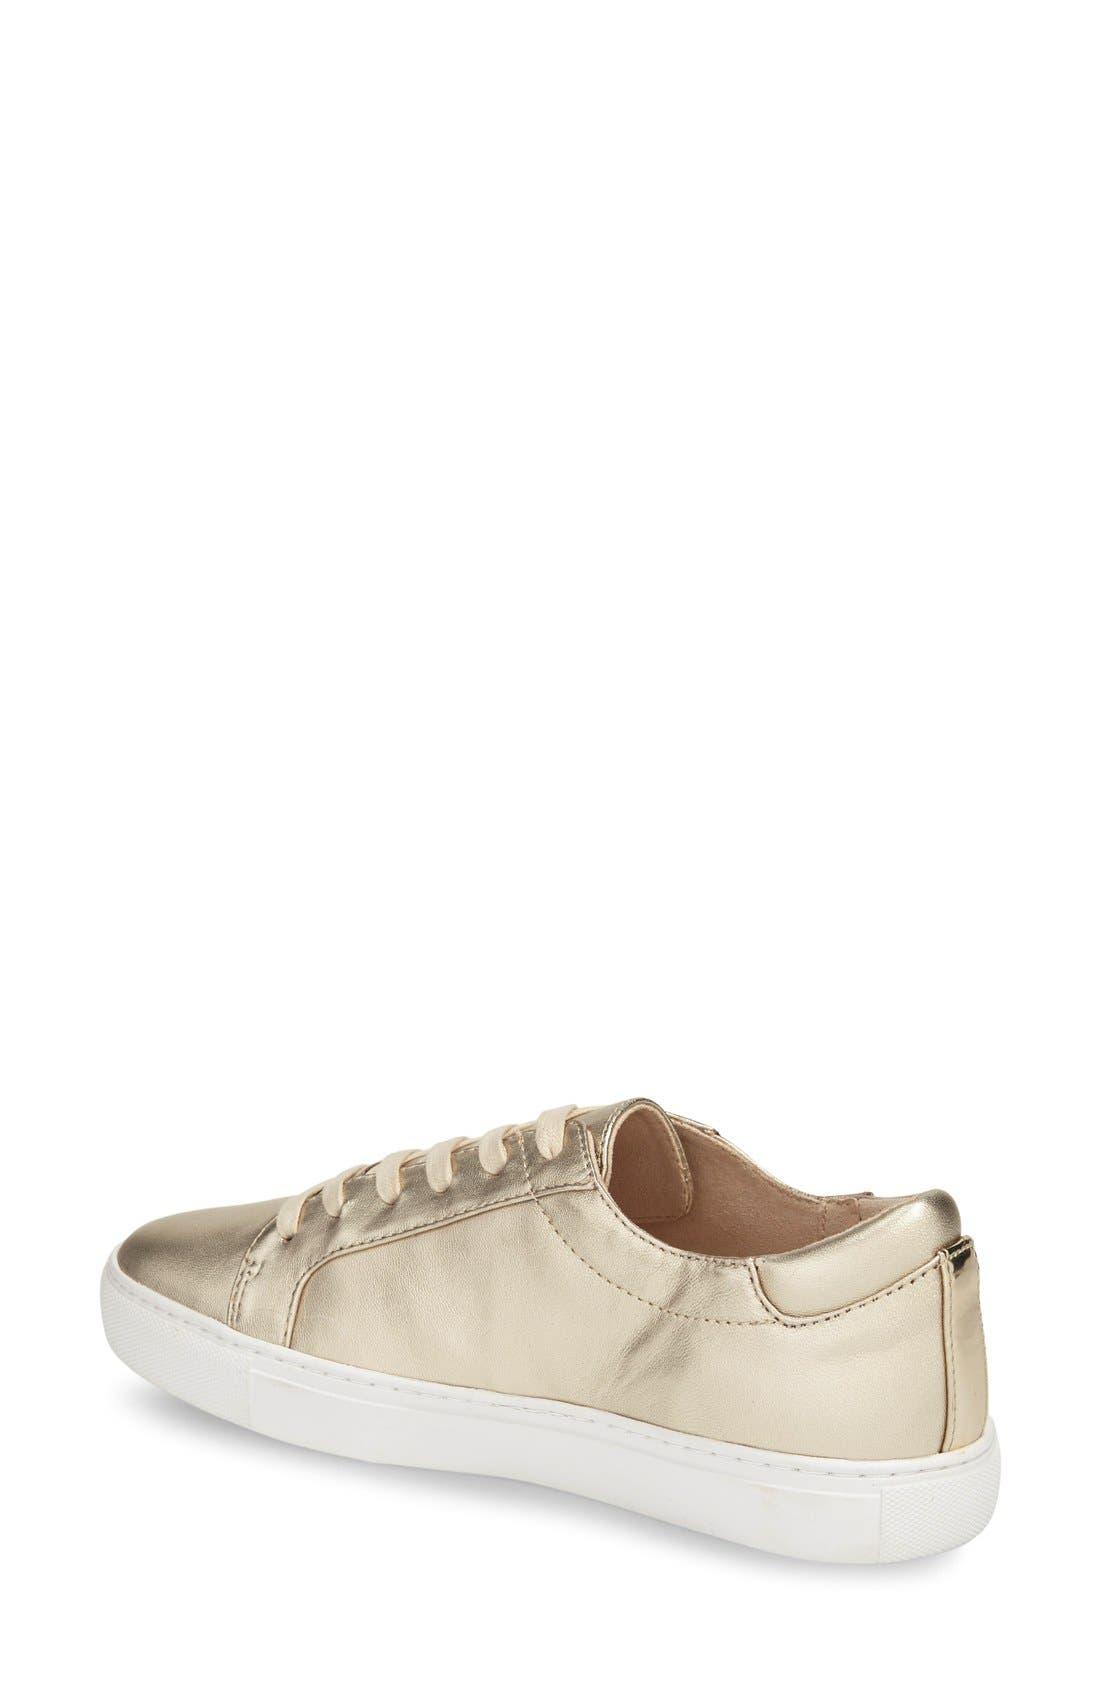 'Kam' Sneaker,                             Alternate thumbnail 91, color,